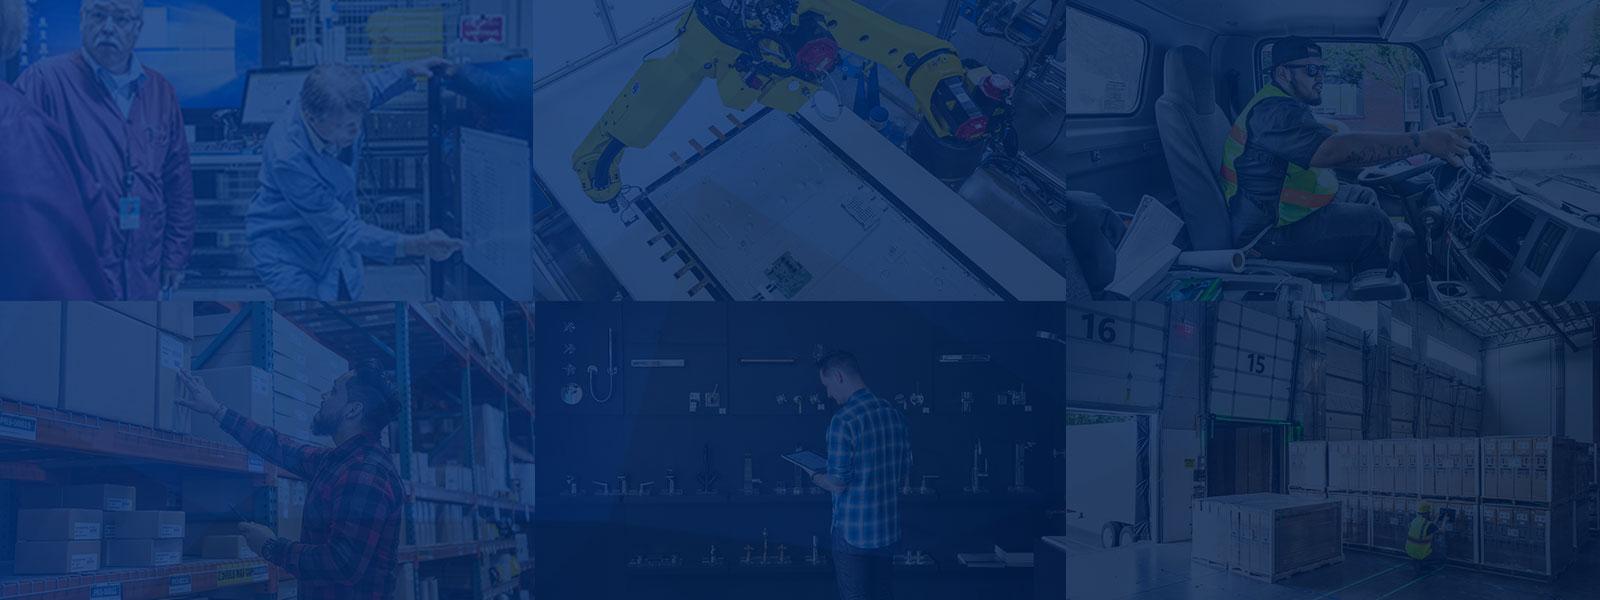 イメージ:ビジネスの成長を加速させる ERP